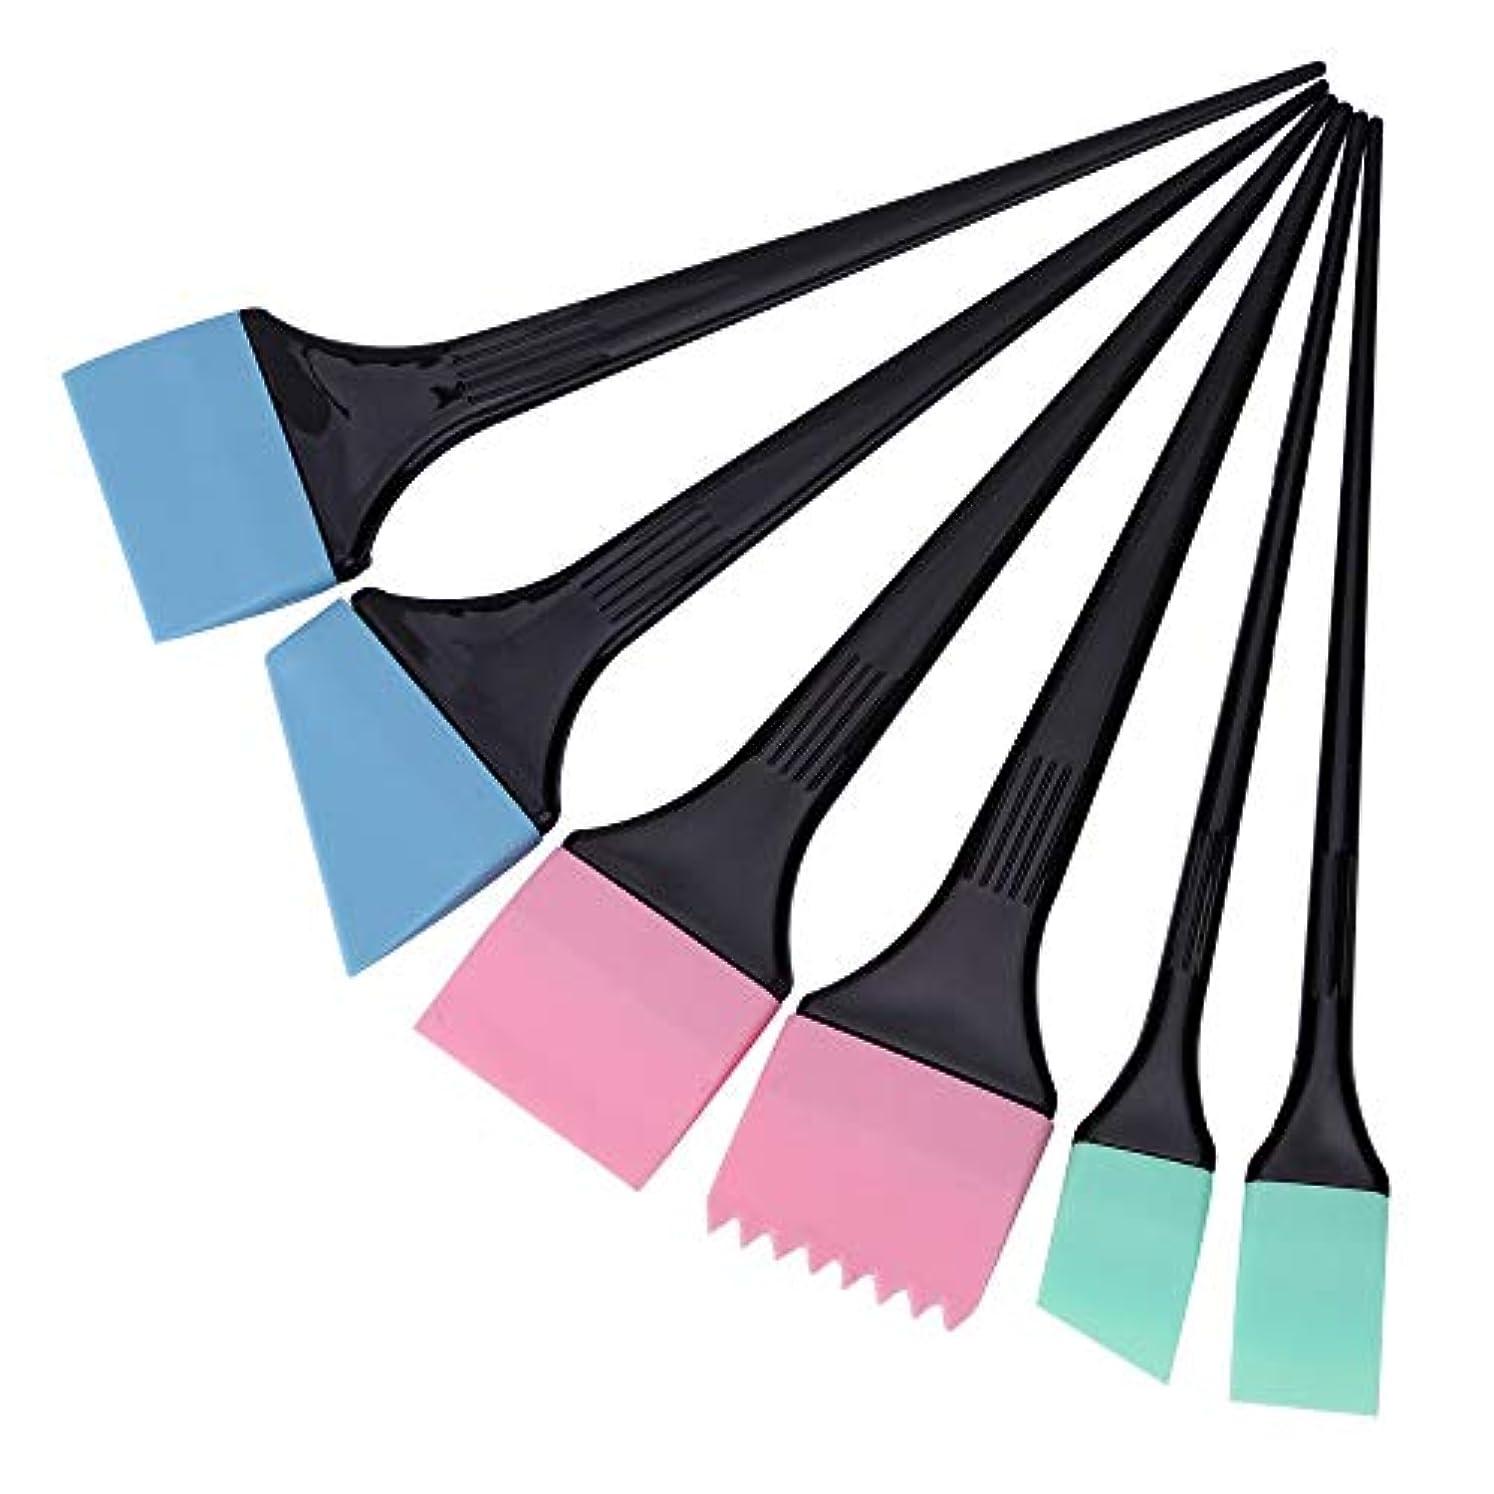 襲撃下品計算可能ヘアダイコーム&ブラシ 毛染めブラシ 6本/セット 着色櫛キット プロサロン 理髪スタイリングツール へアカラーセット グリーン